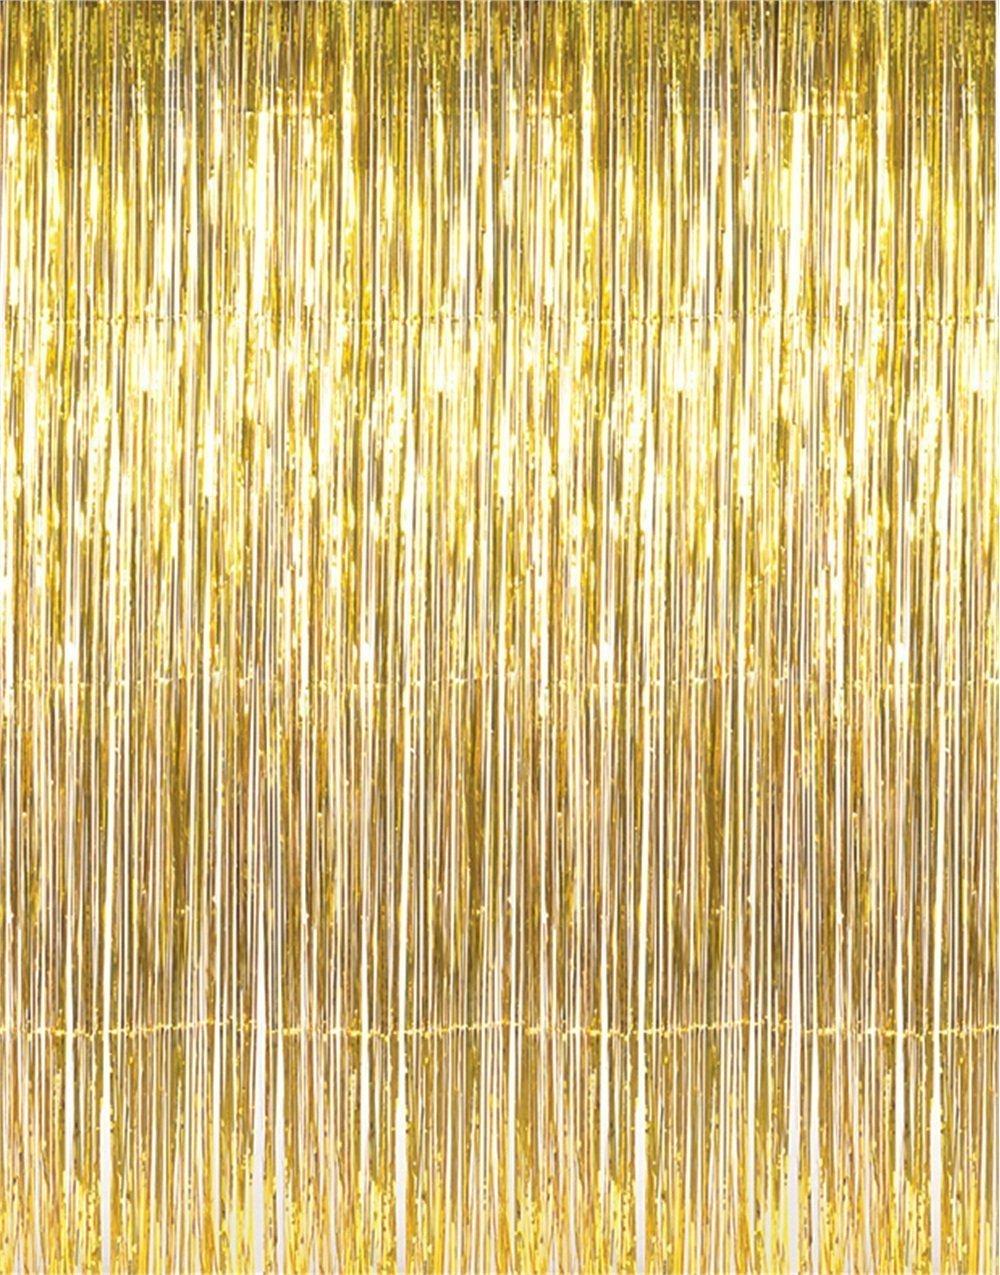 Konsait Party Decorations Gold Fringe Curtainspicture Backdrop Foil